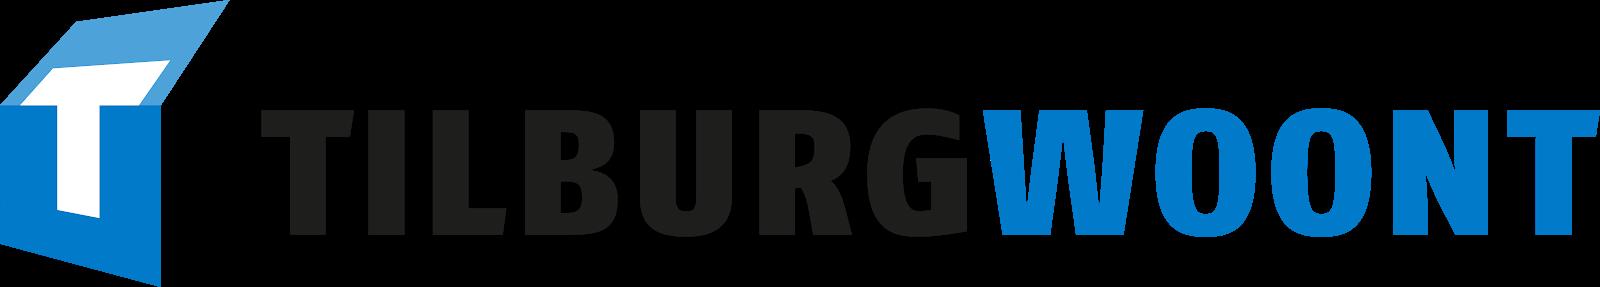 TilburgWoont